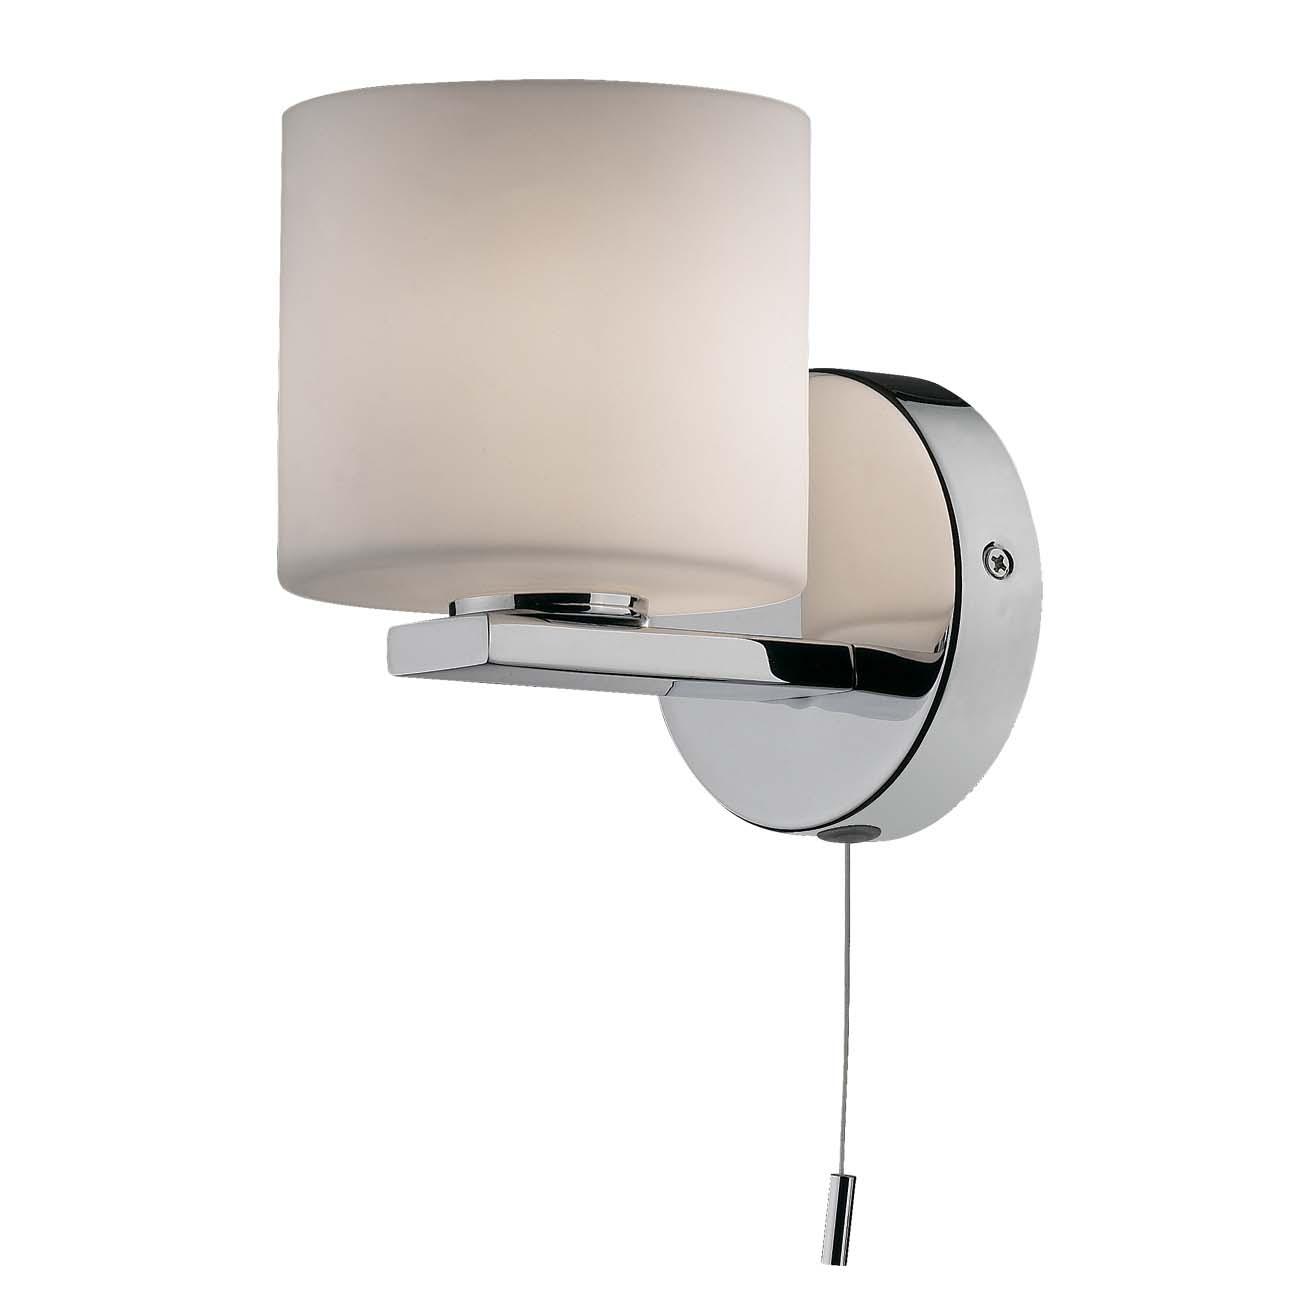 Светильник для ванной комнаты Odeon light 2156/1w